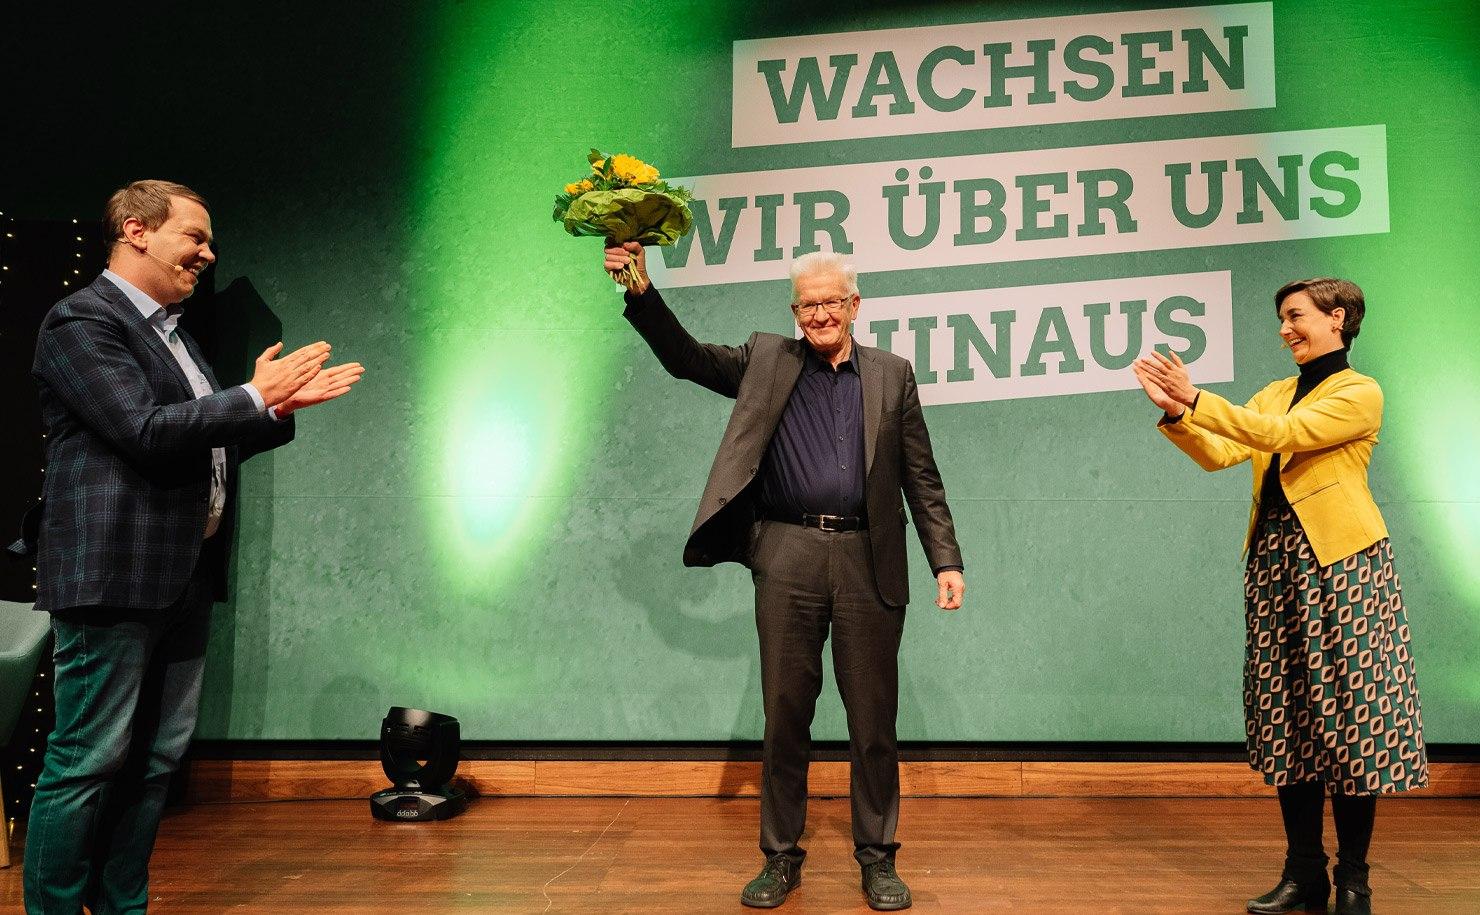 """""""Wachsen wir über uns hinaus"""" – mit Kretschmann als Spitzenkandidat"""